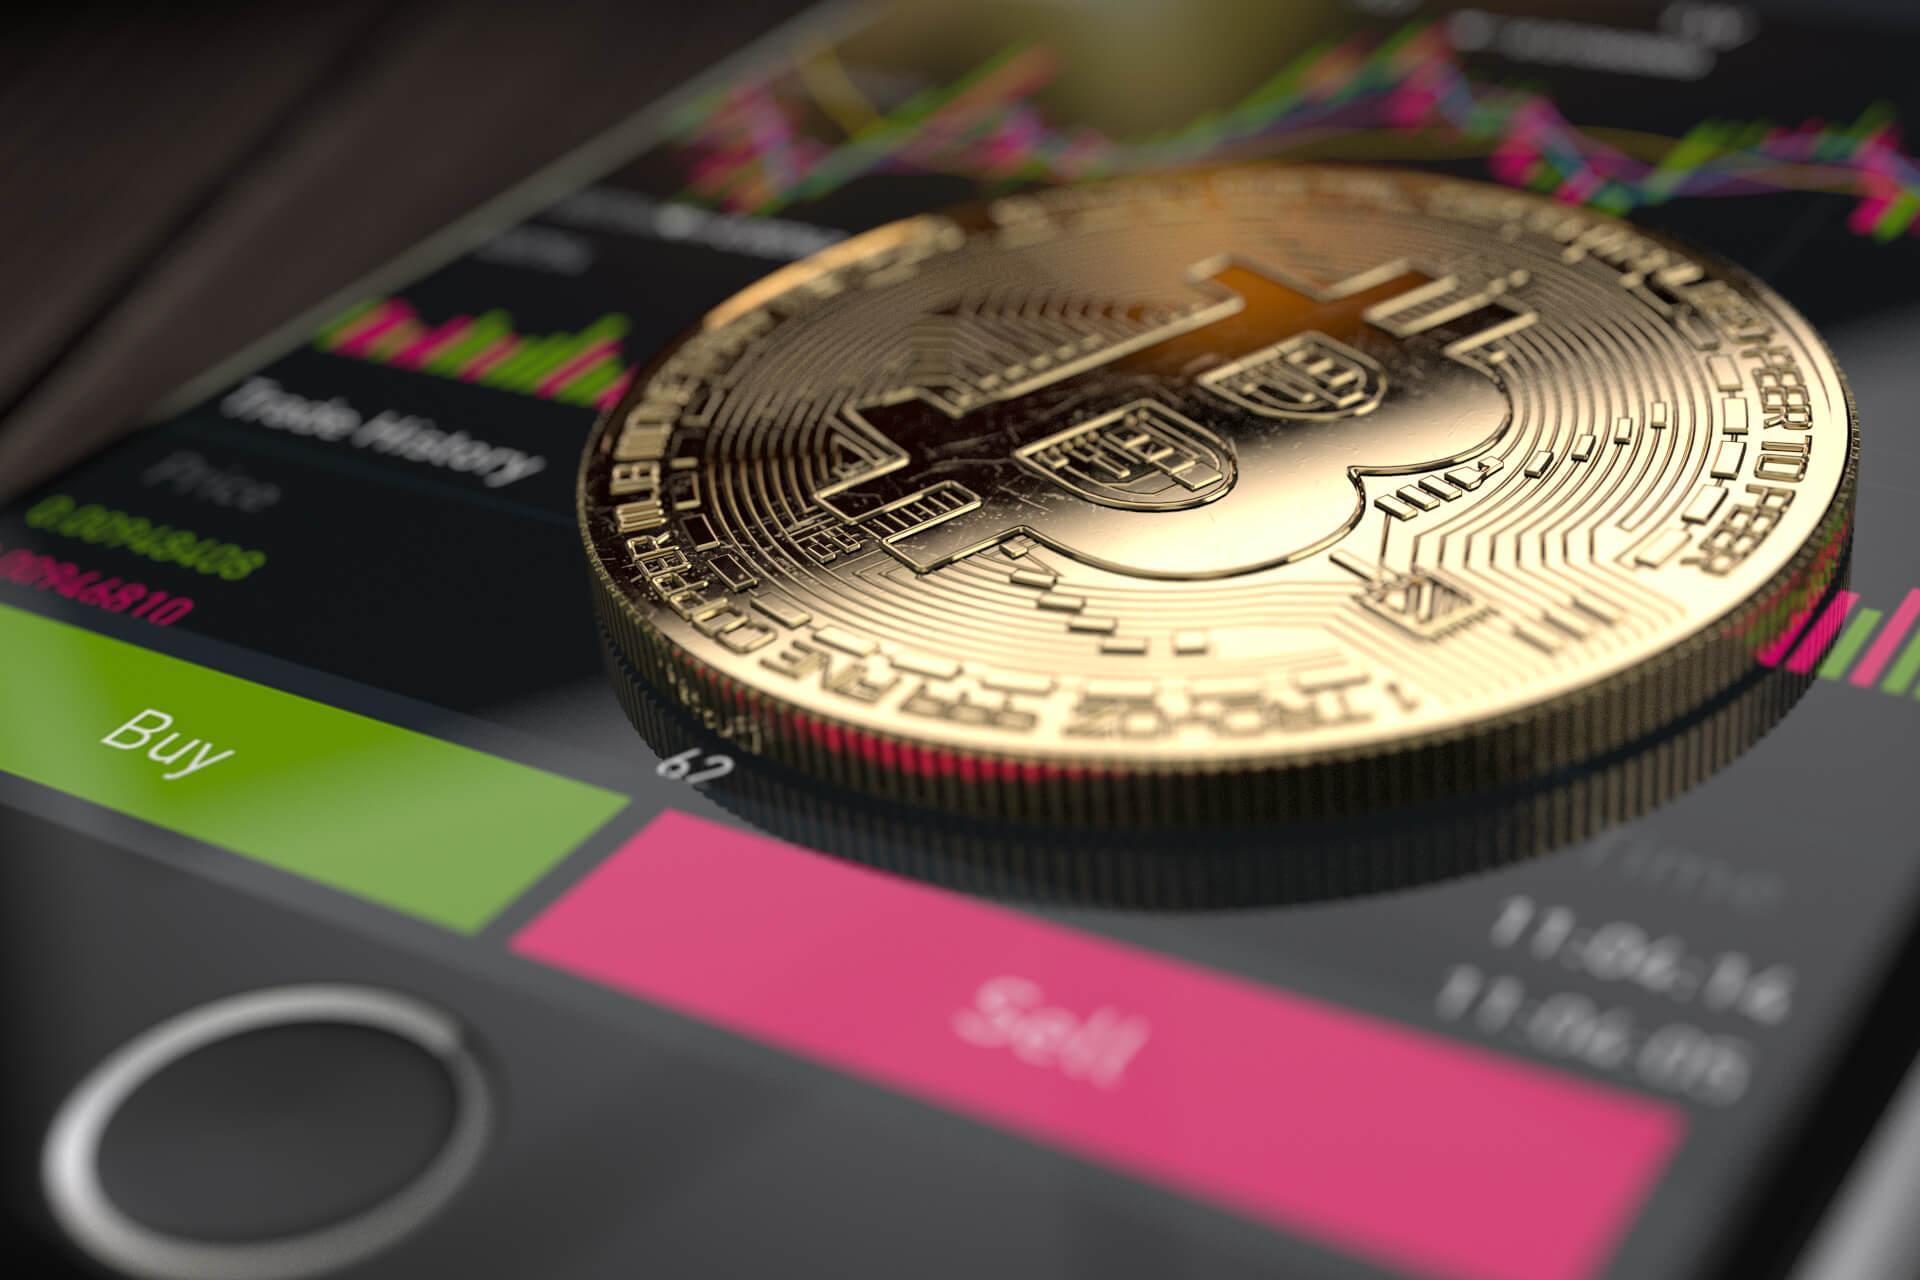 Esik a Bitcoin, nem jött be az aranykereszt - szabadibela.hu